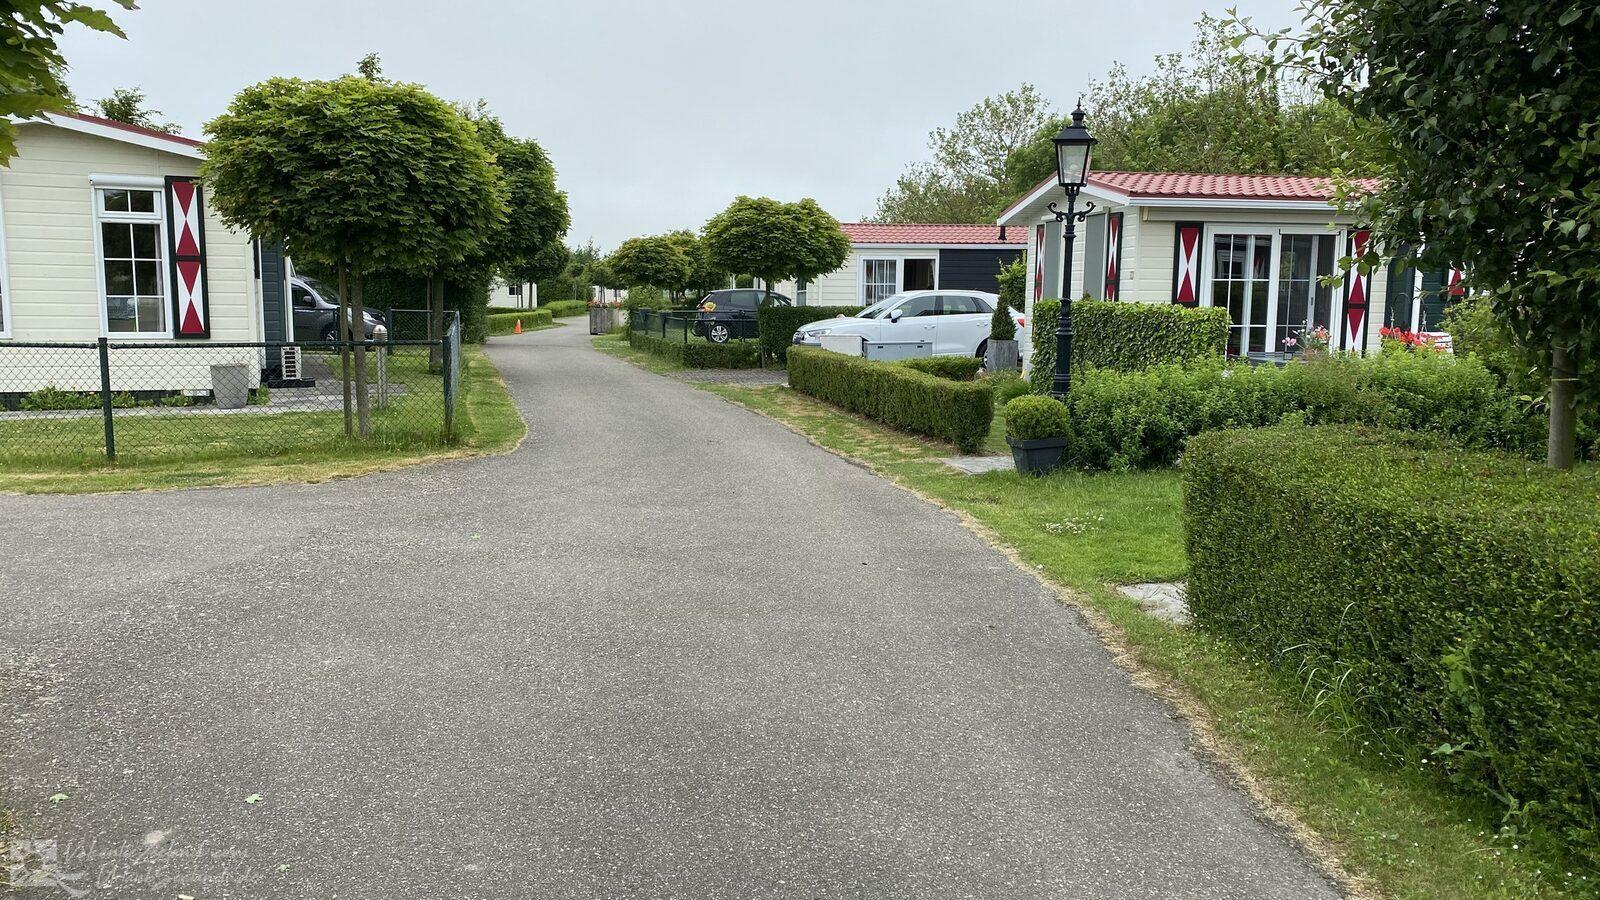 VZ1015 Vakantiechalet in Baarland